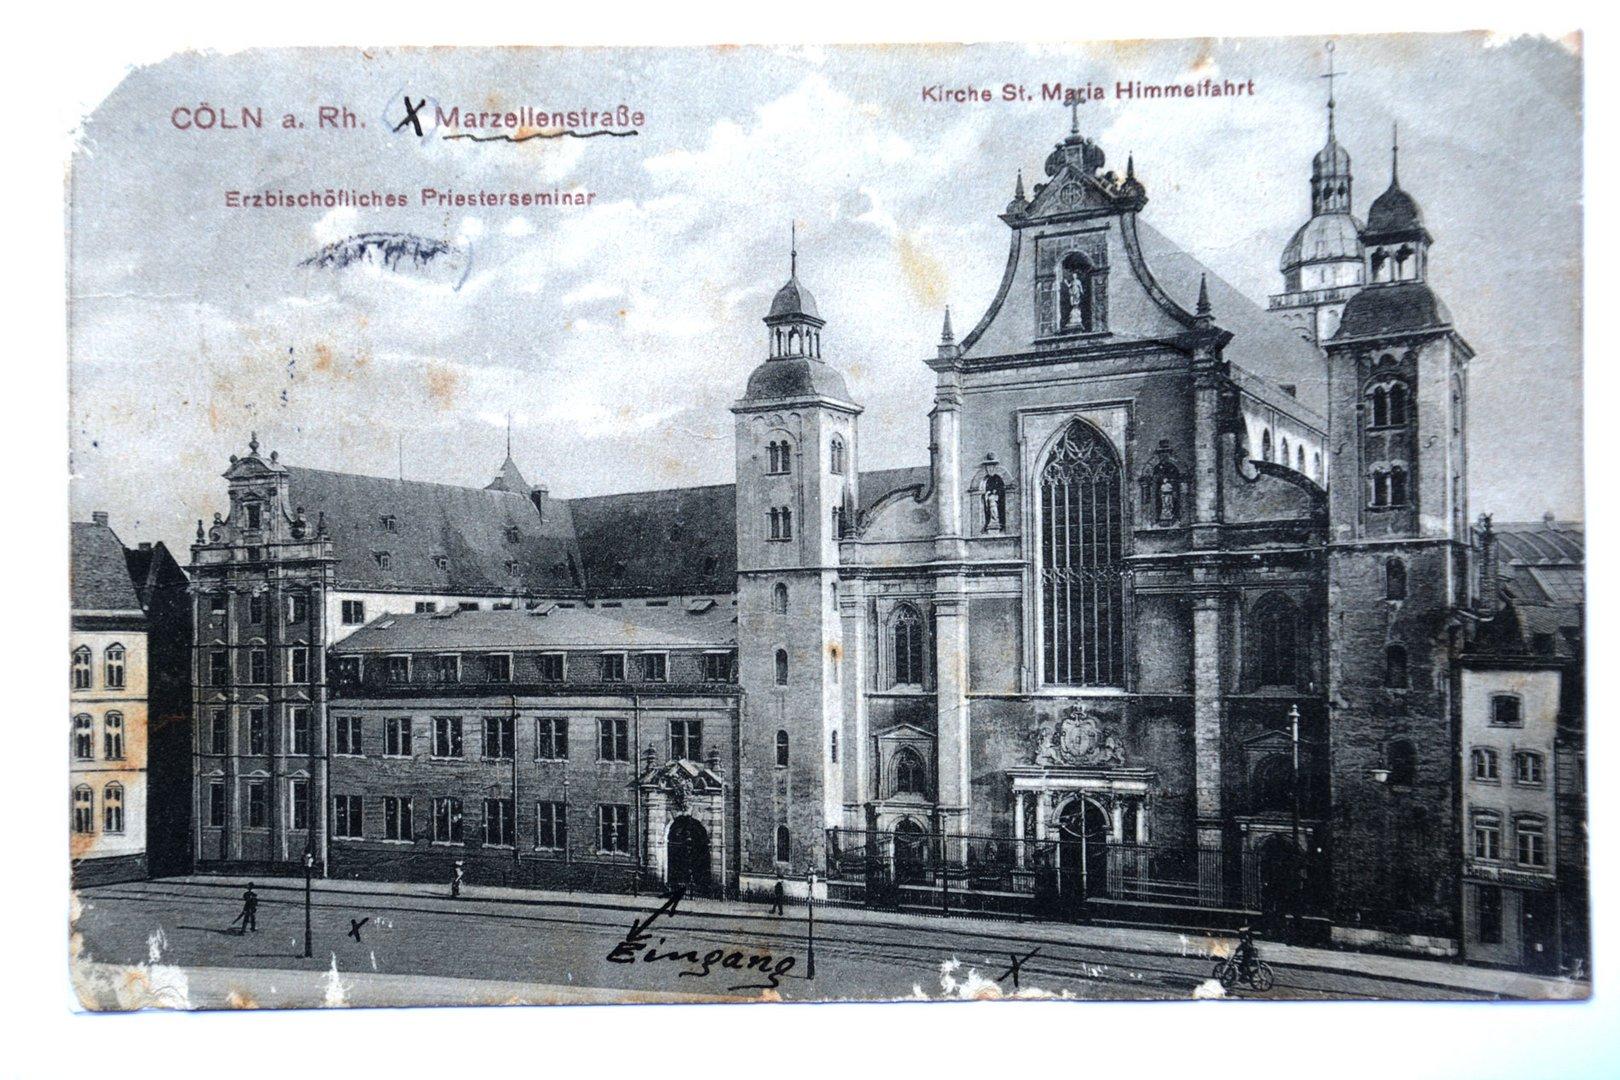 Erzbischöfliches  Priesterseminar in Cöln